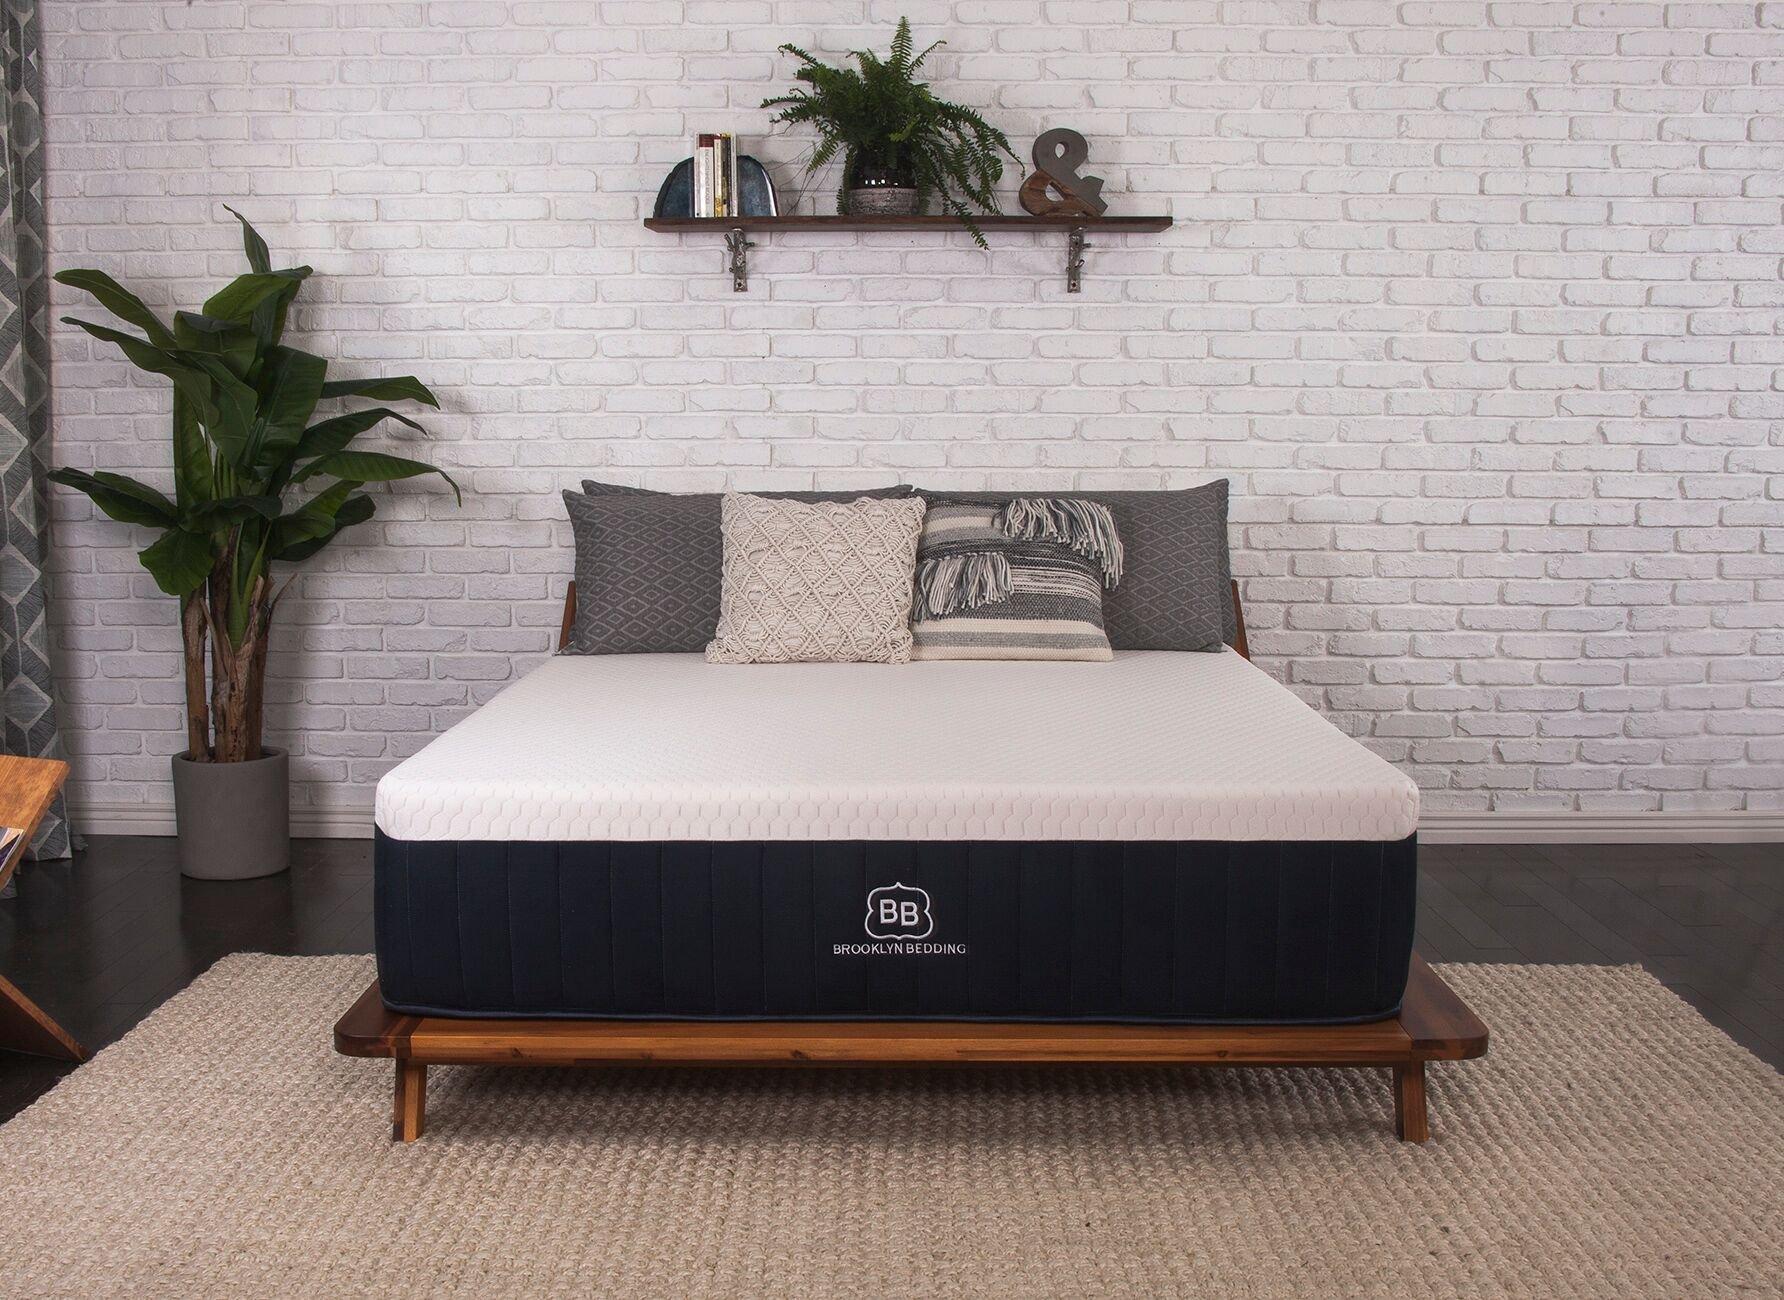 Brooklyn Aurora 13'' Luxury Cooling Gel Hybrid Mattress, Cal King Medium by Brooklyn Bedding